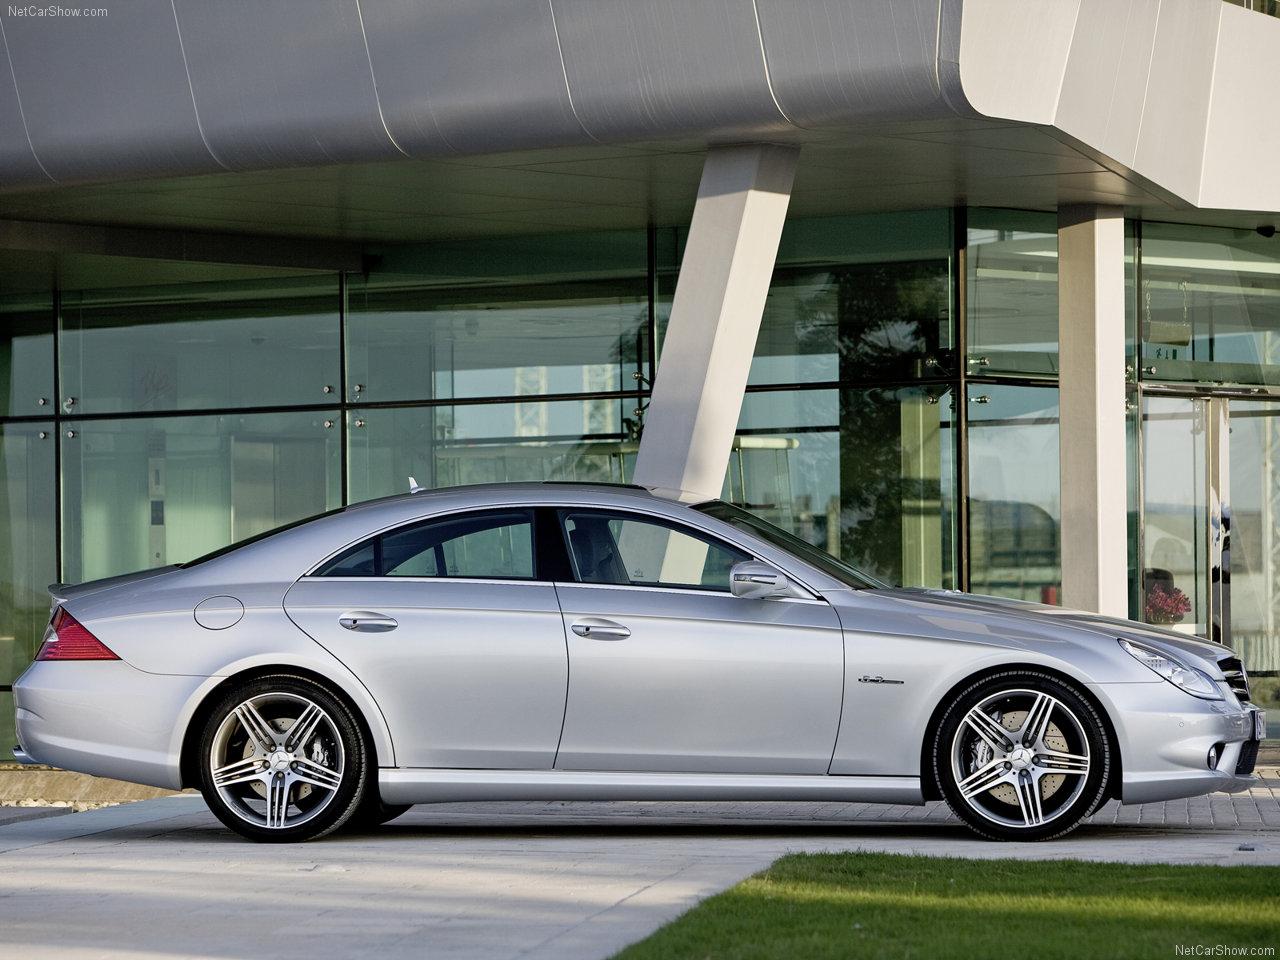 2009 Mercedes Benz Cls 63 Amg Mercedes Benz Cars